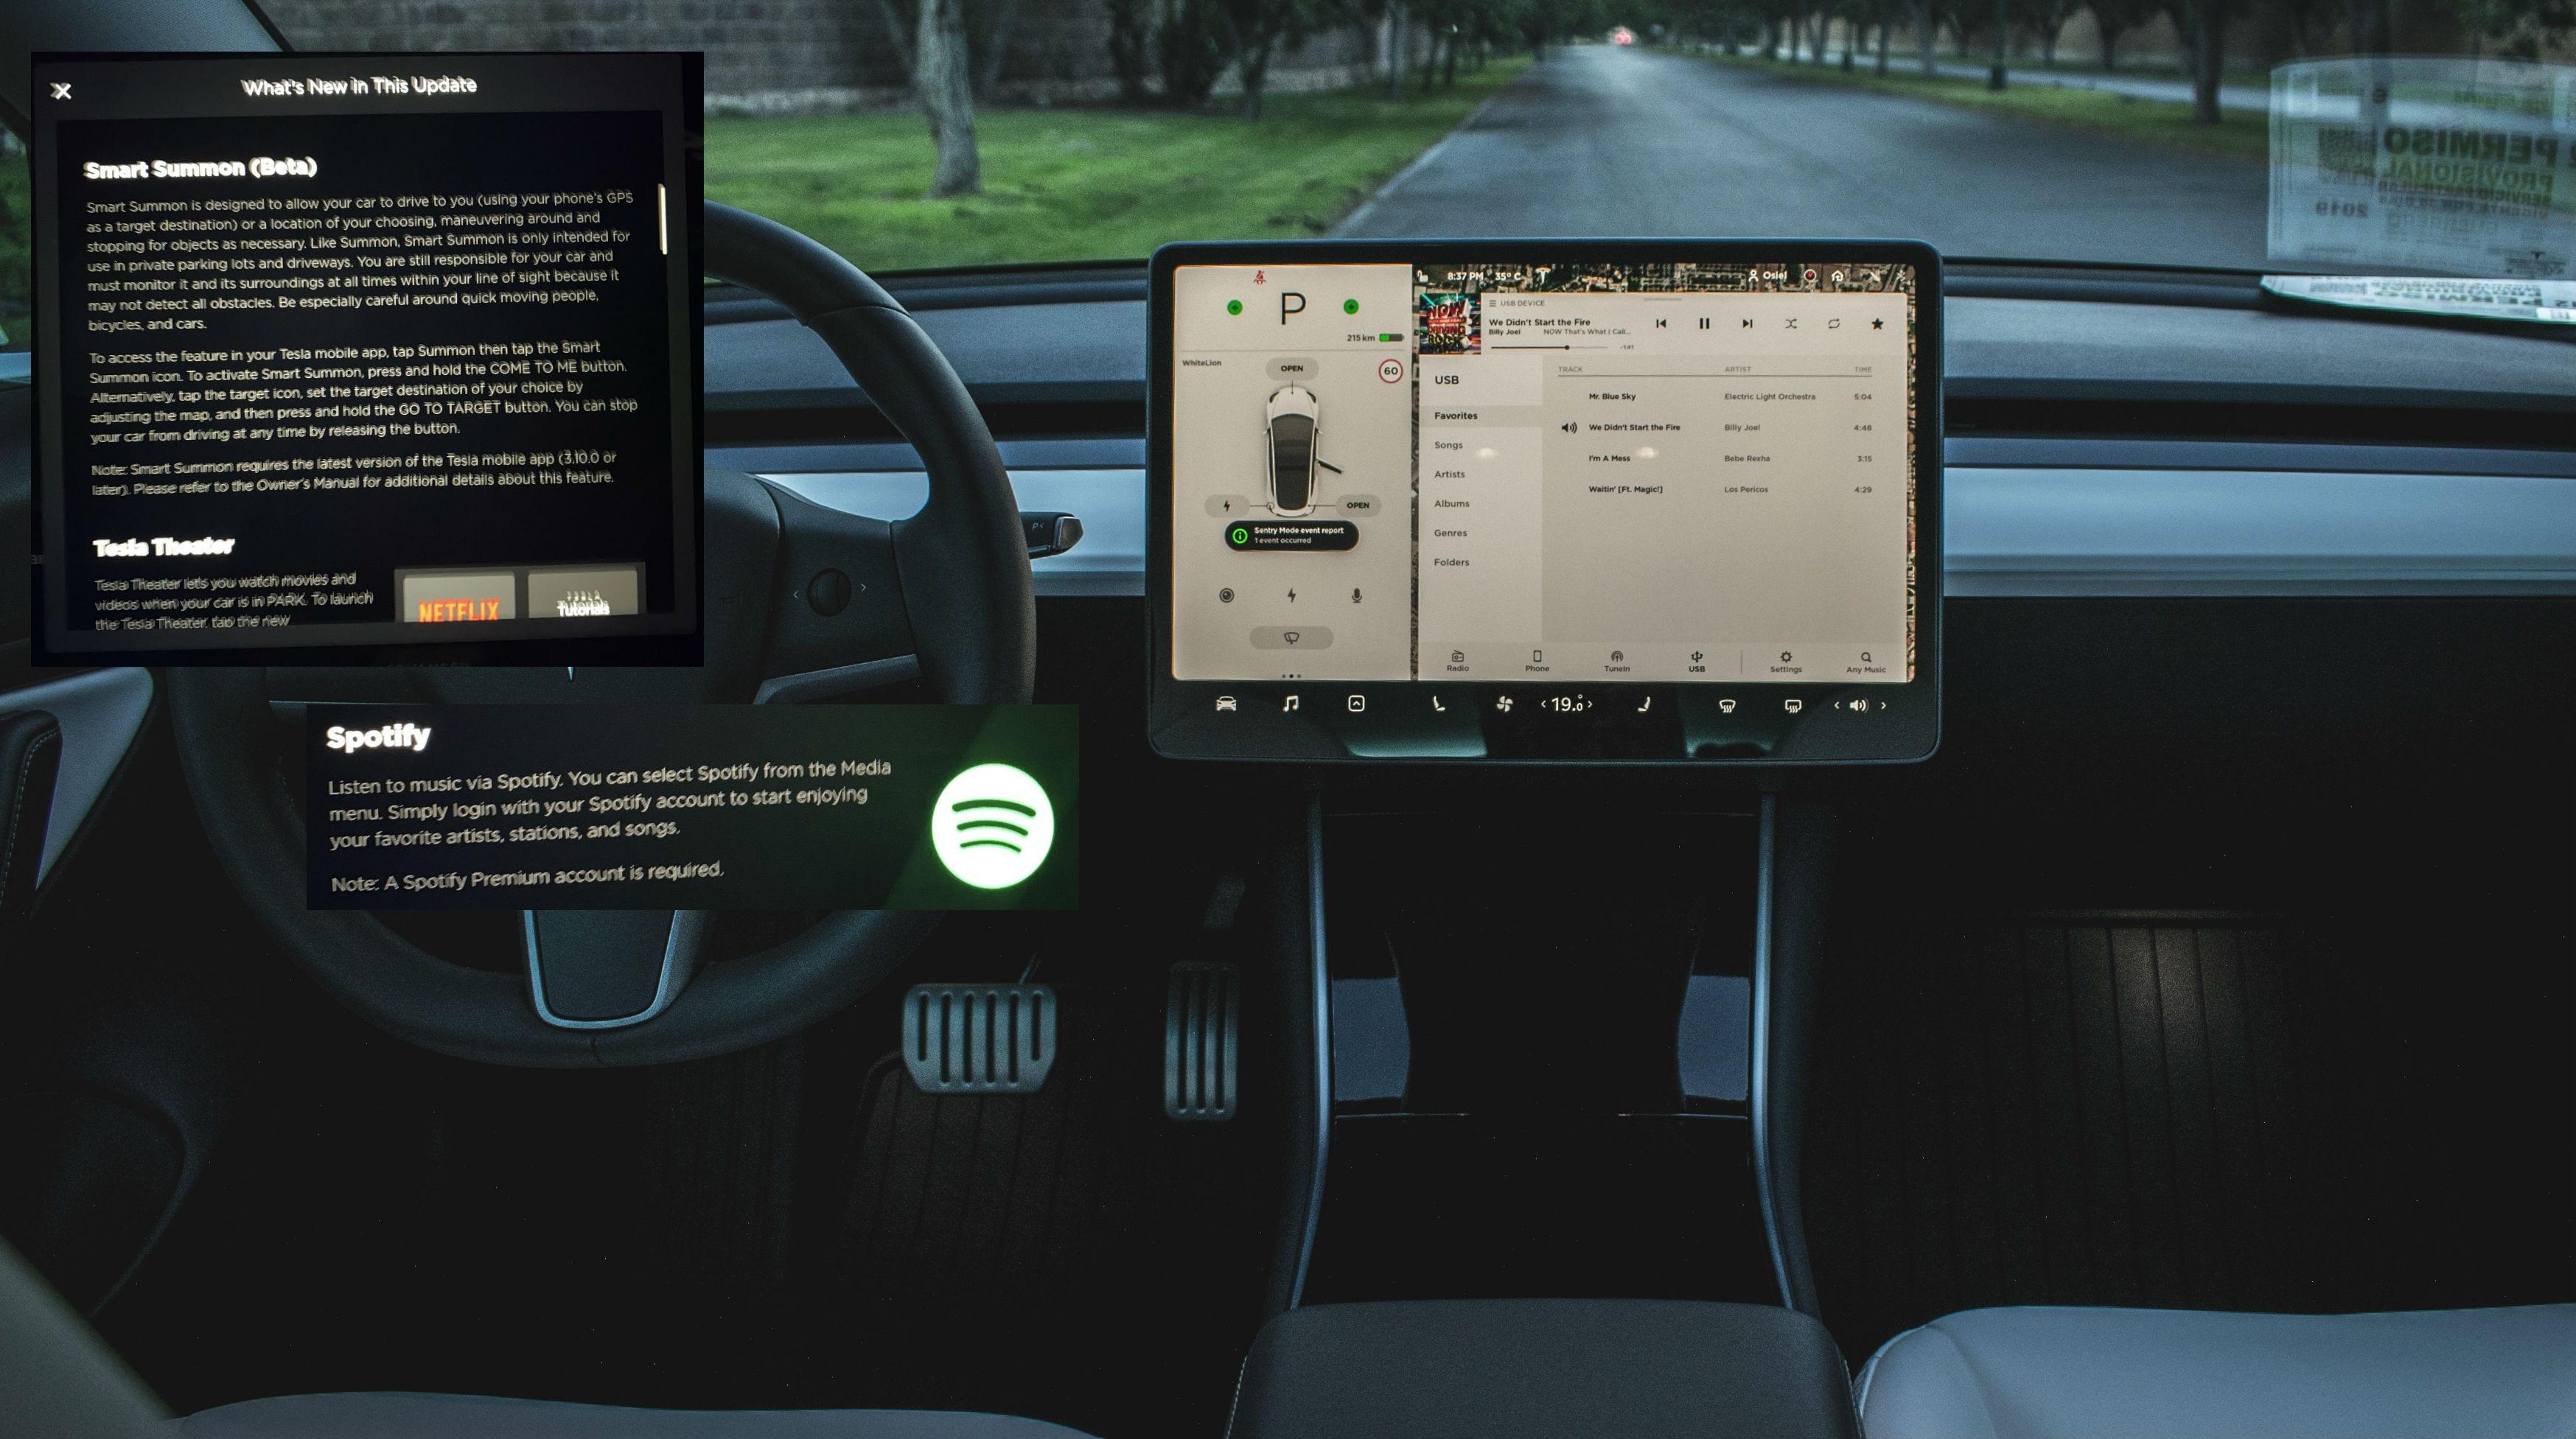 Tesla V10 Update update